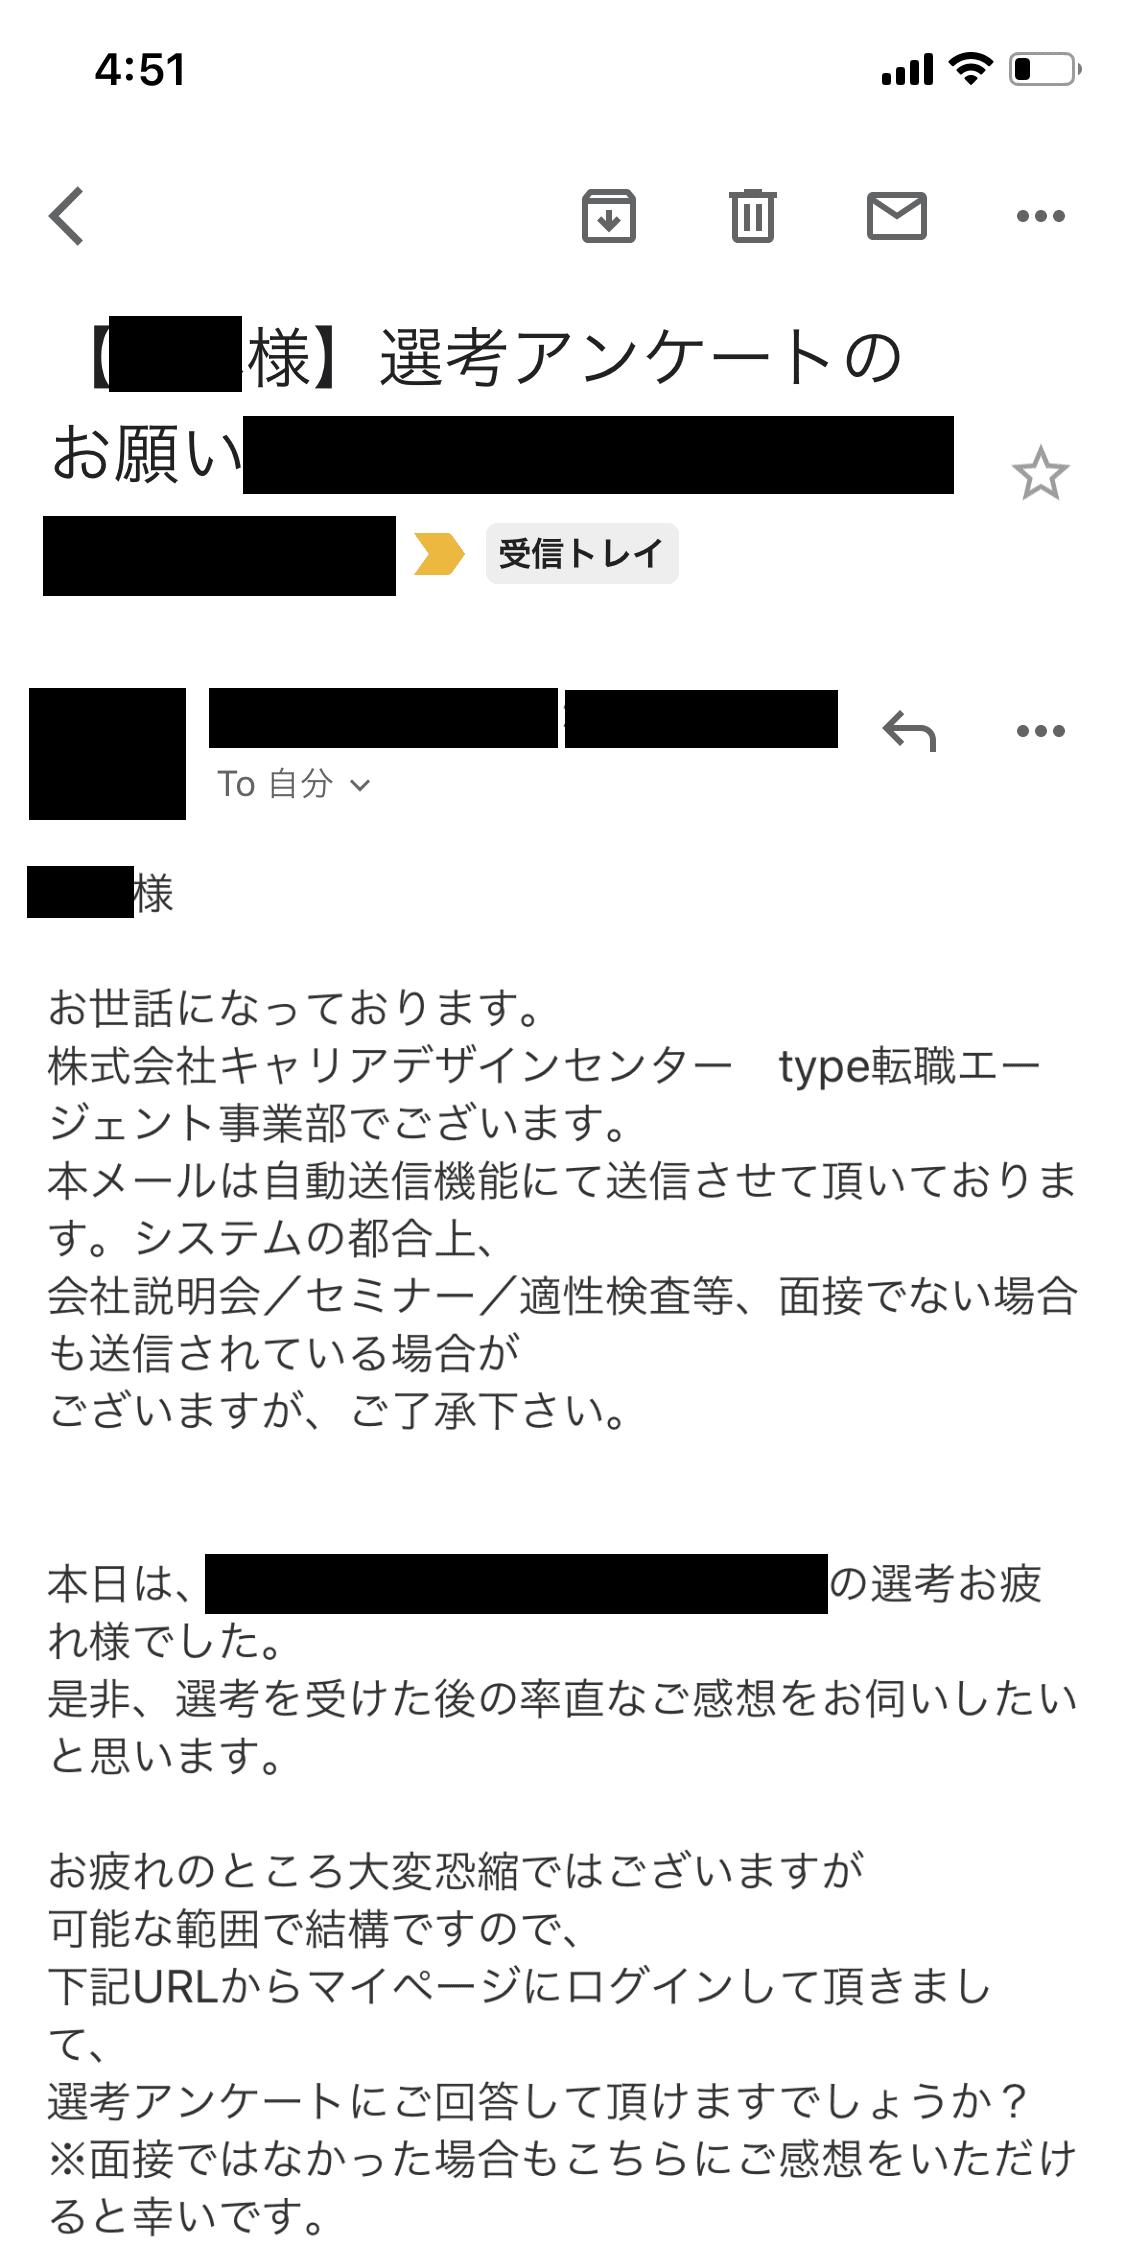 株式会社キャリアデザインセンター type転職エージェント